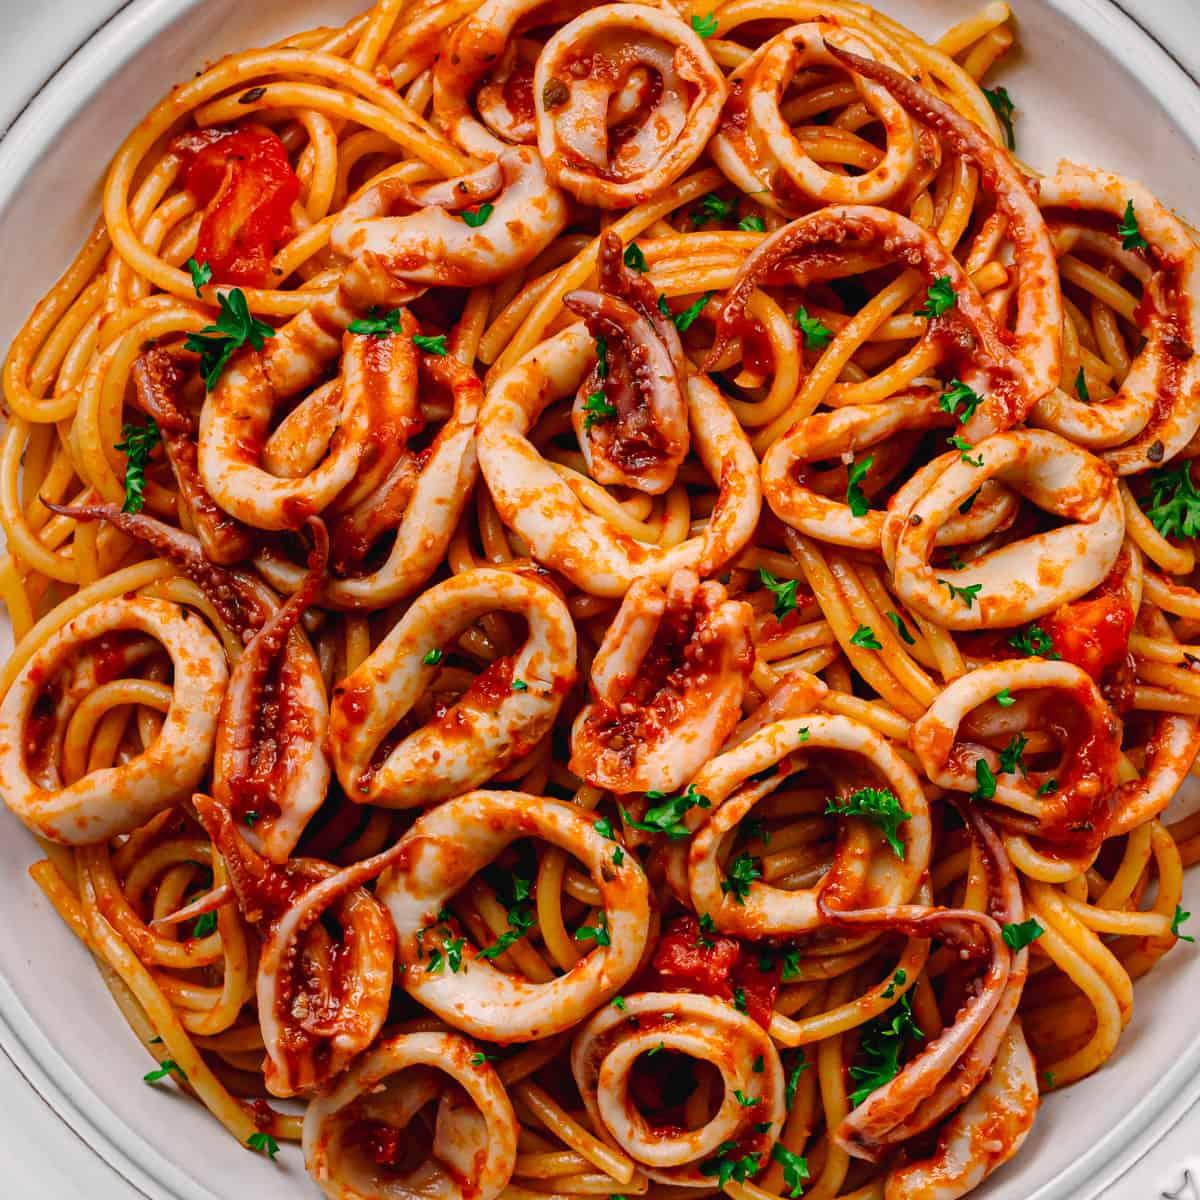 Italian Pasta with Squid